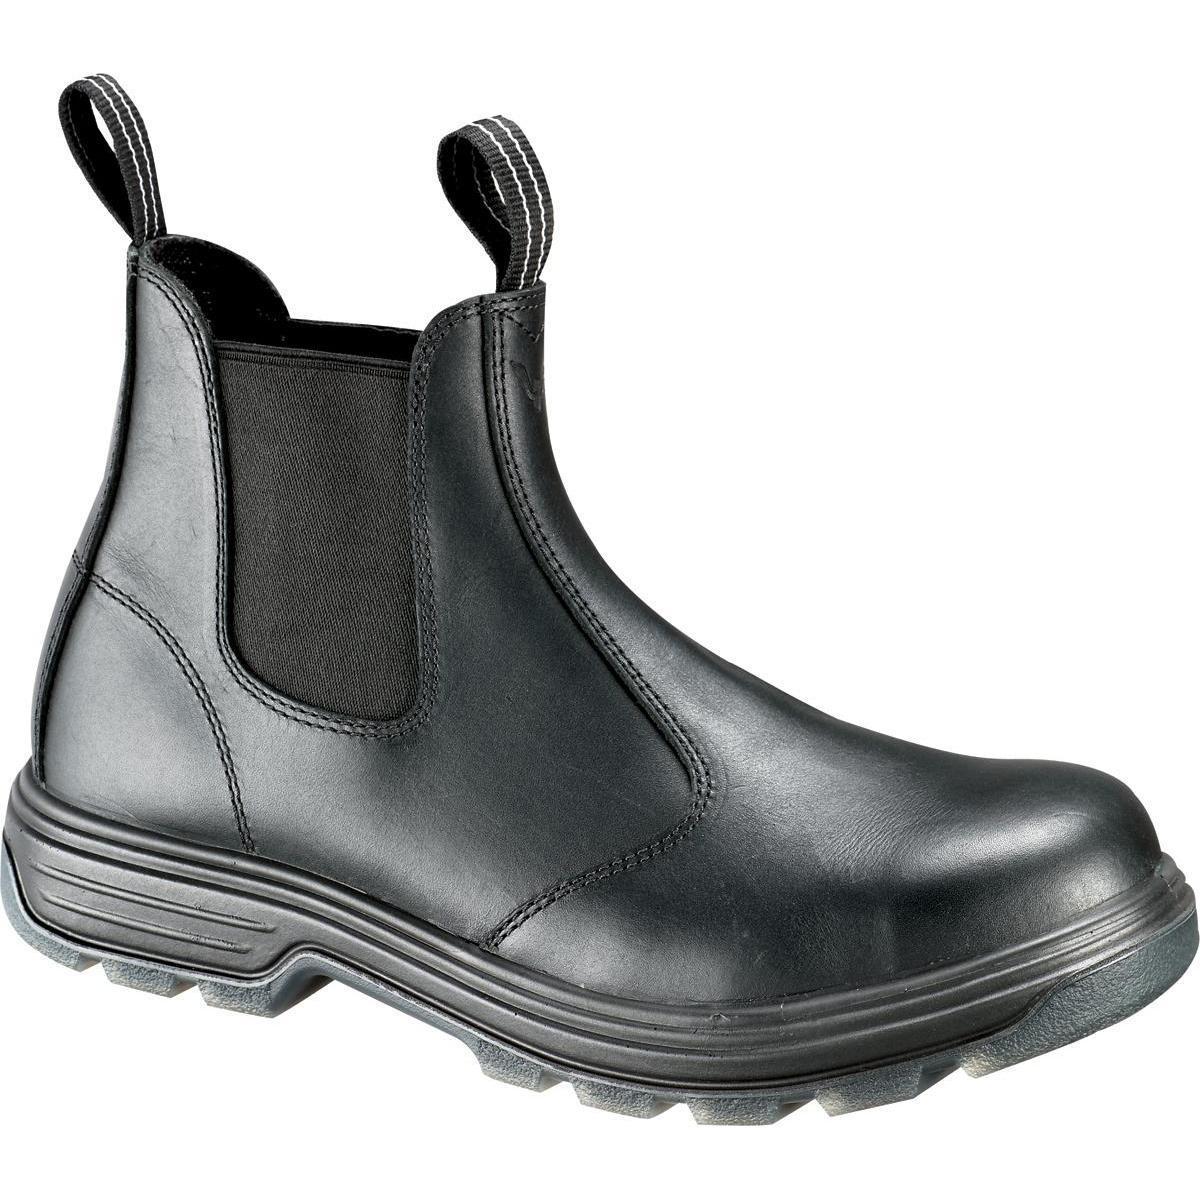 fa91004169512 Men s Pull-On Thorogood Steel Toe Black Work Boot - 804-6026